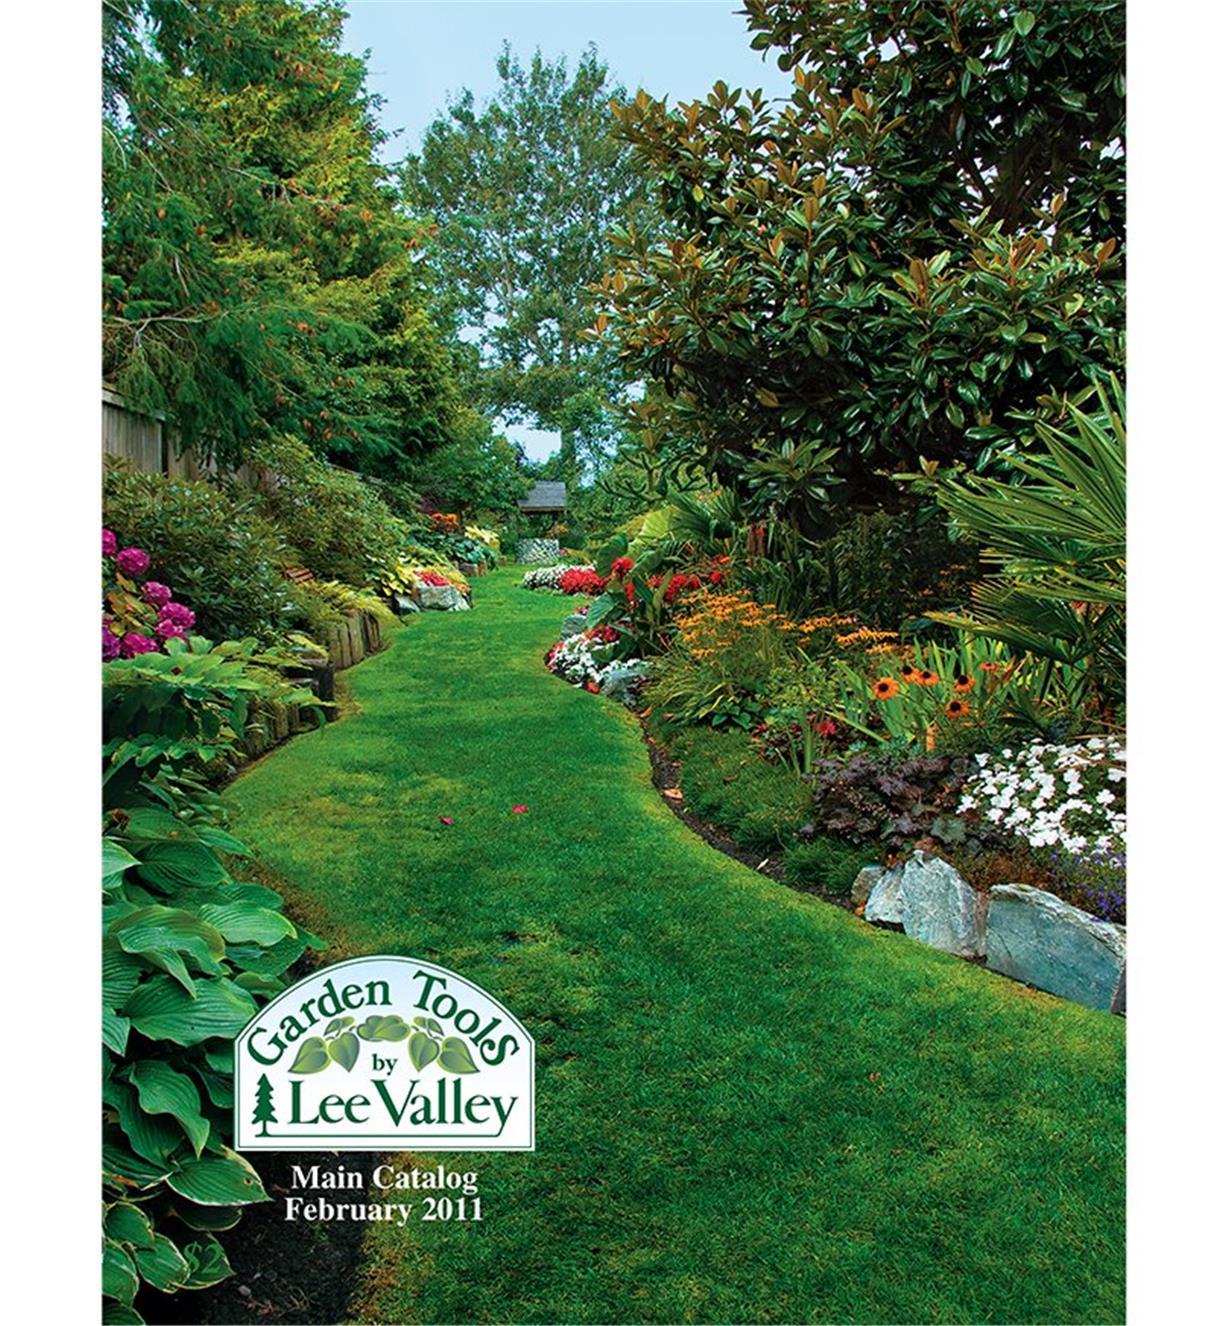 CG0211 - Main Garden Tools Catalog, February 2011, Canada